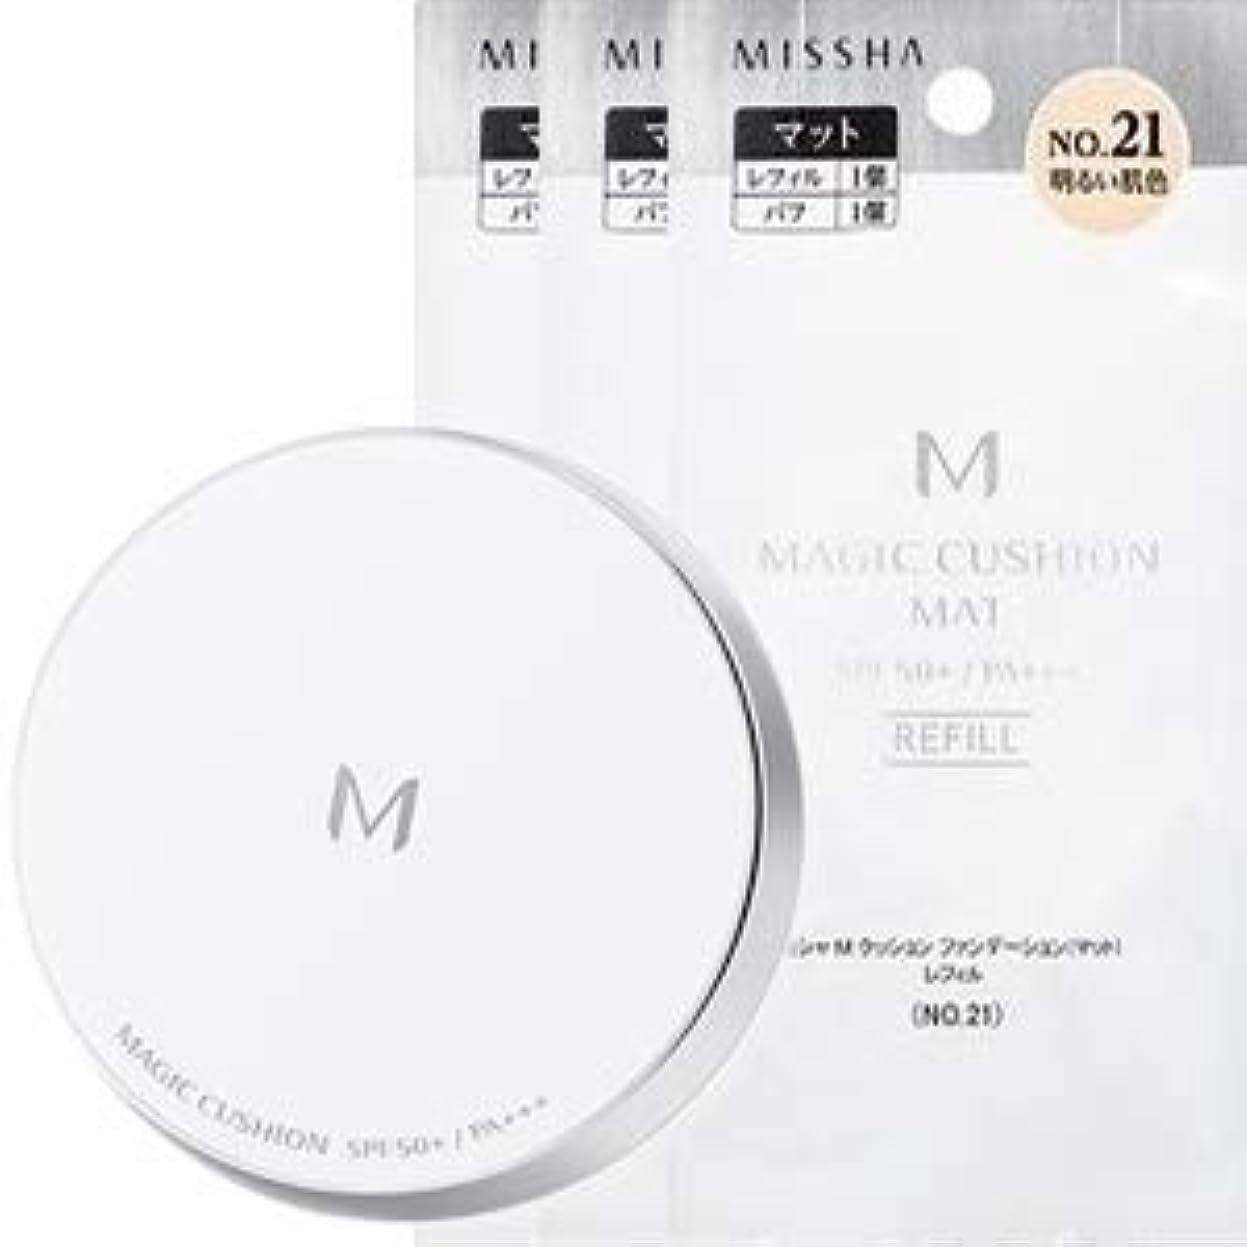 花輪驚いたことに未知のミシャ M クッション ファンデーション (マット) No.21 本体 + レフィル 3点セット